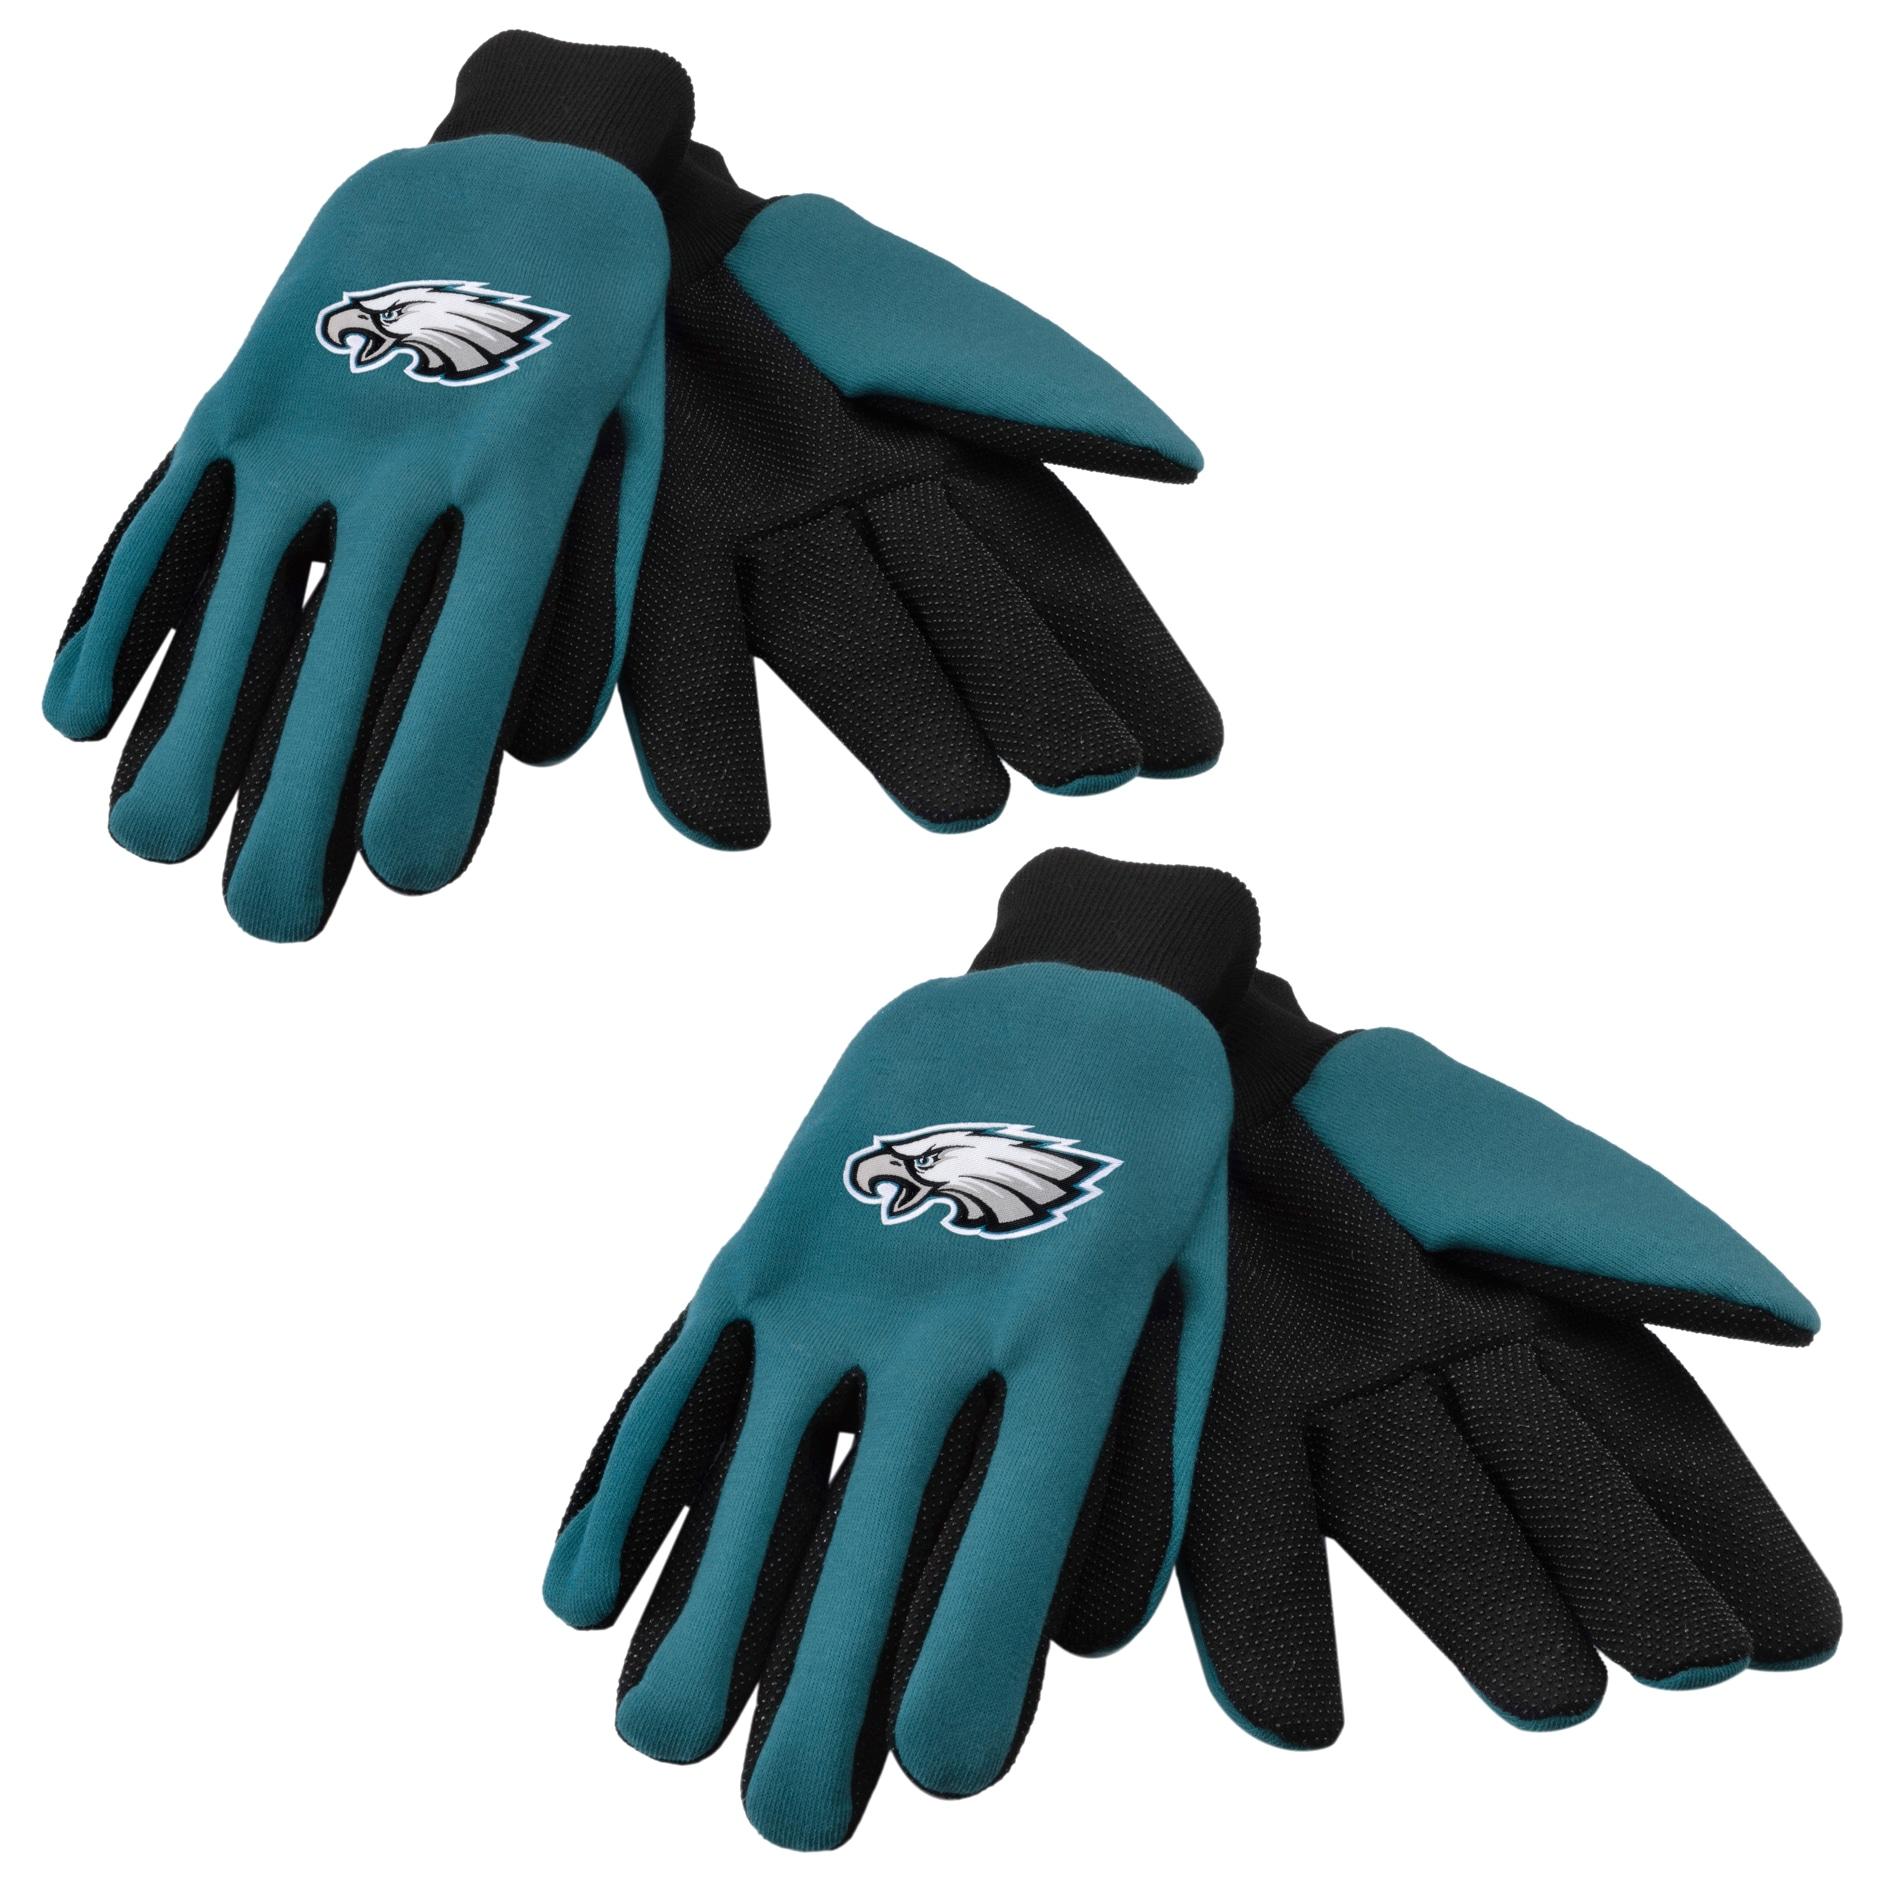 Philadelphia Eagles Two-tone Gloves (Set of 2 Pair)